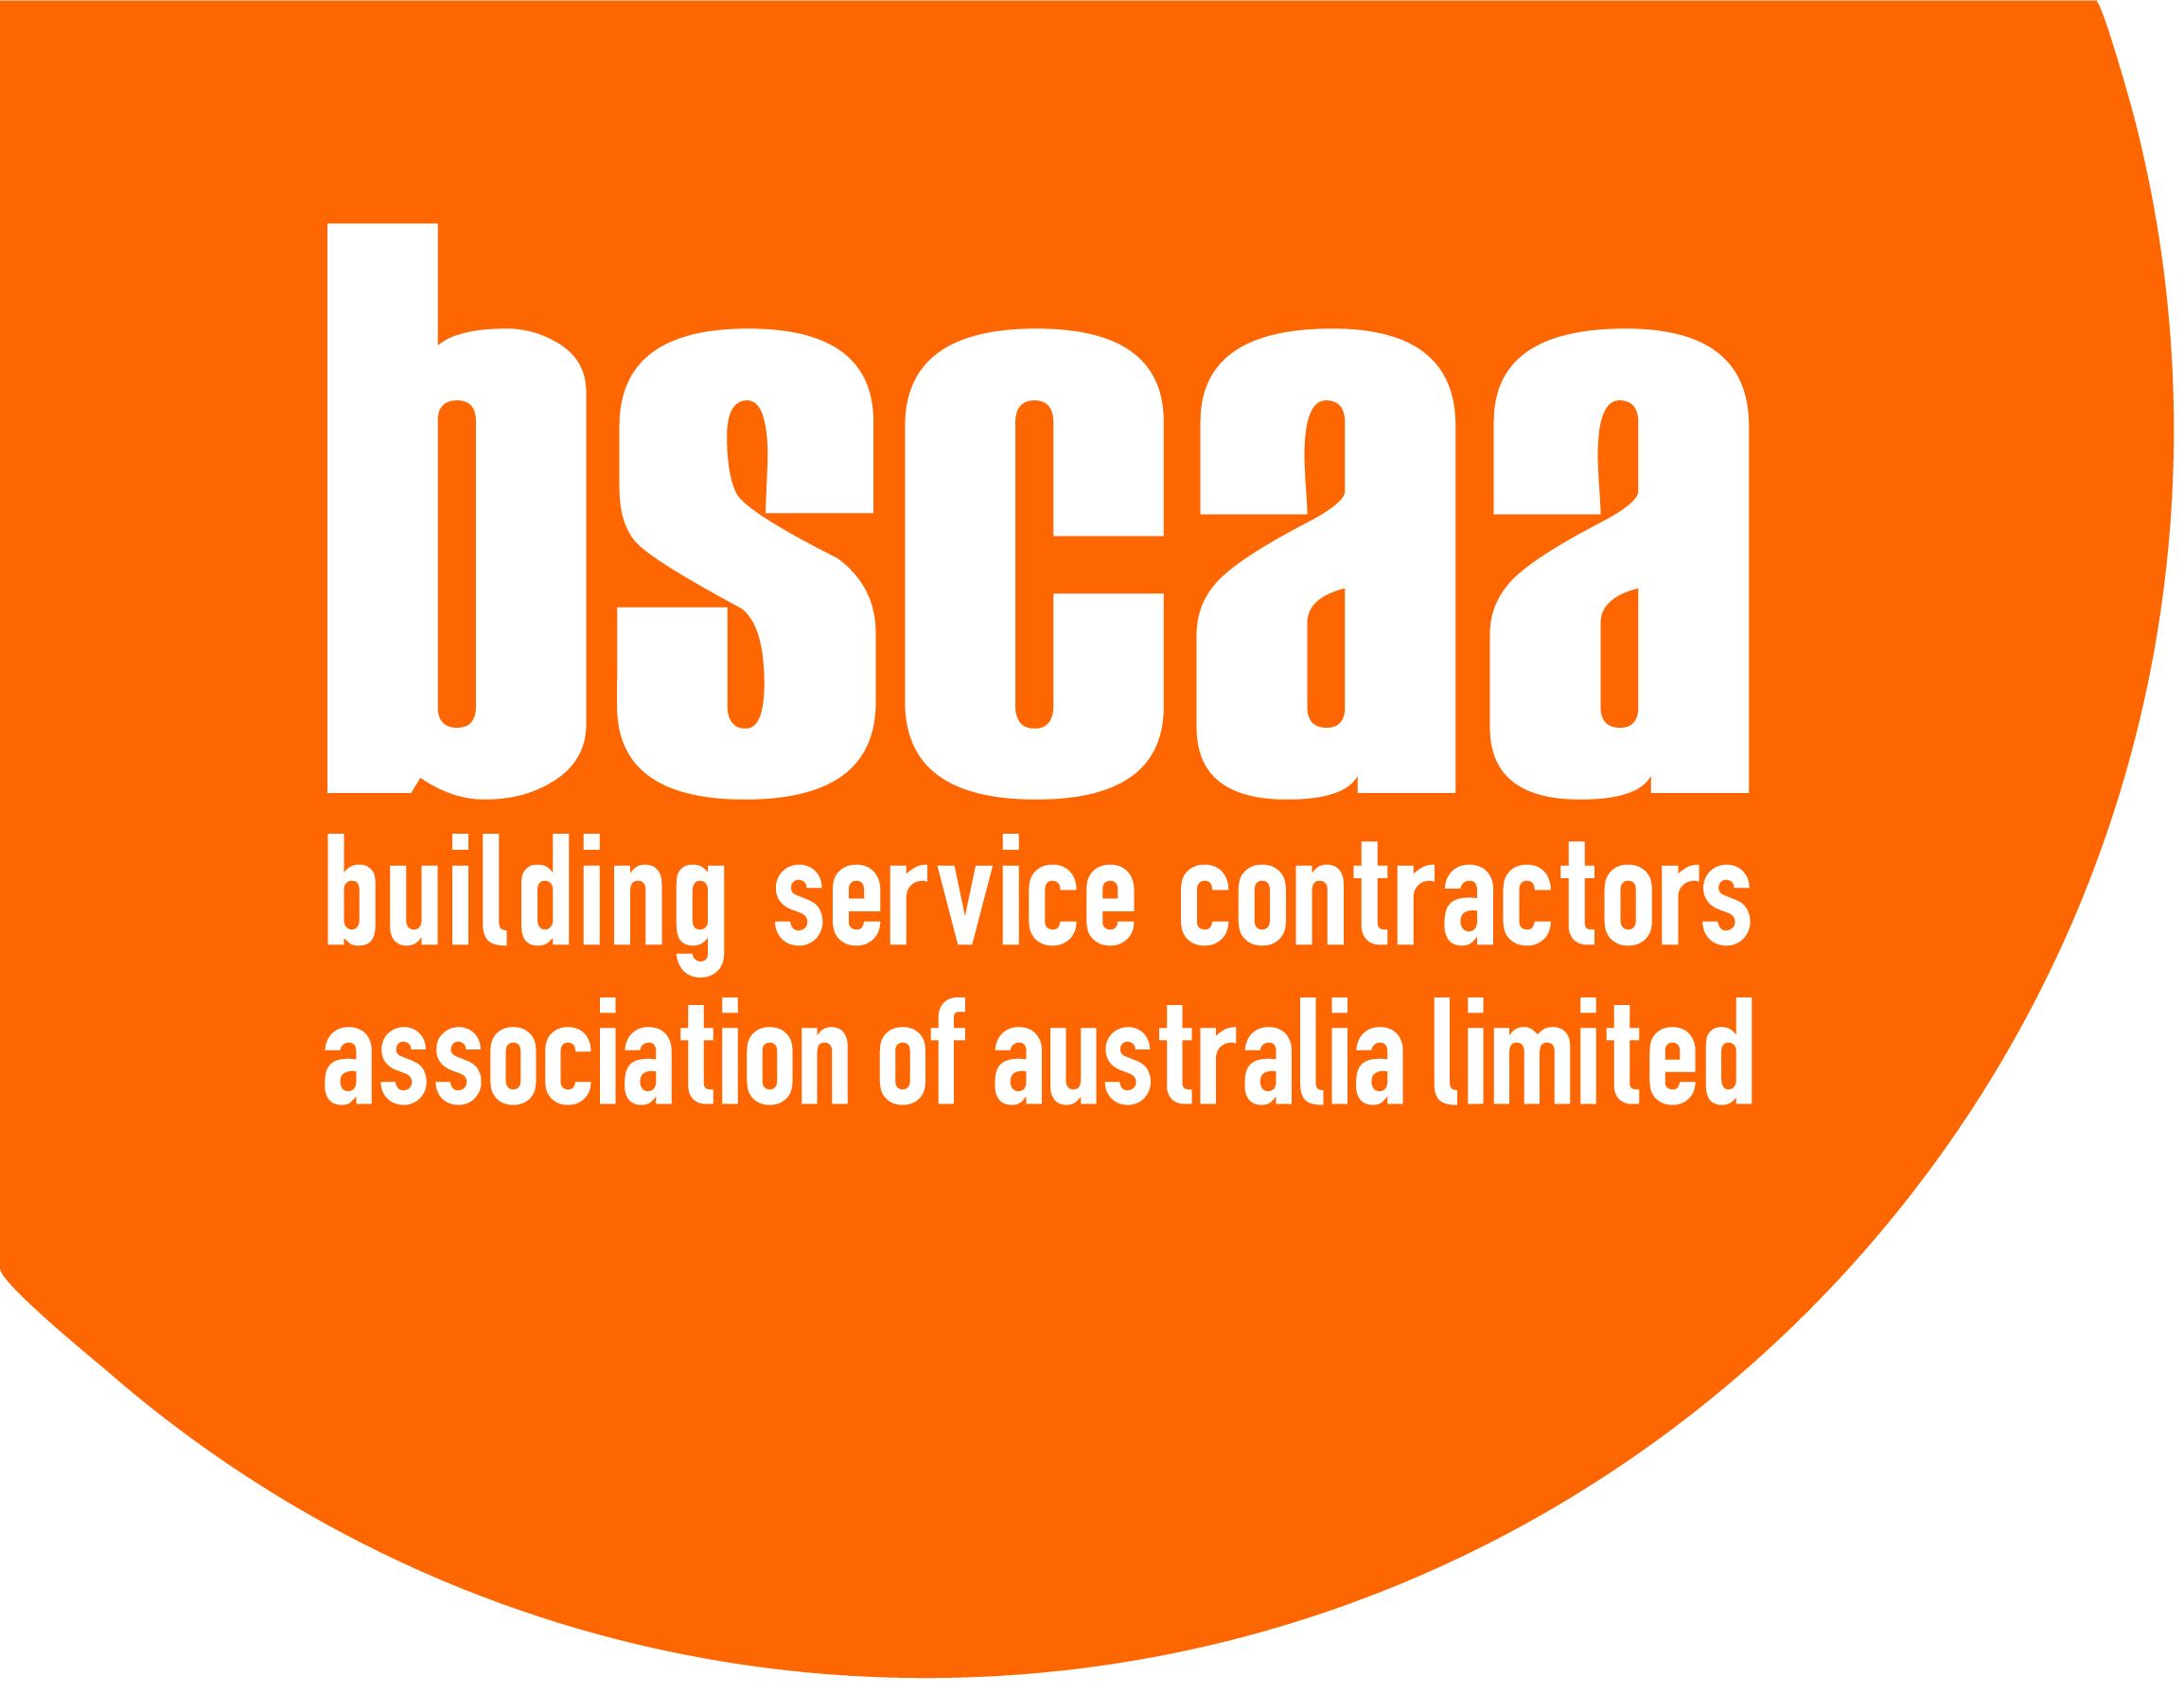 BSCAA Logo